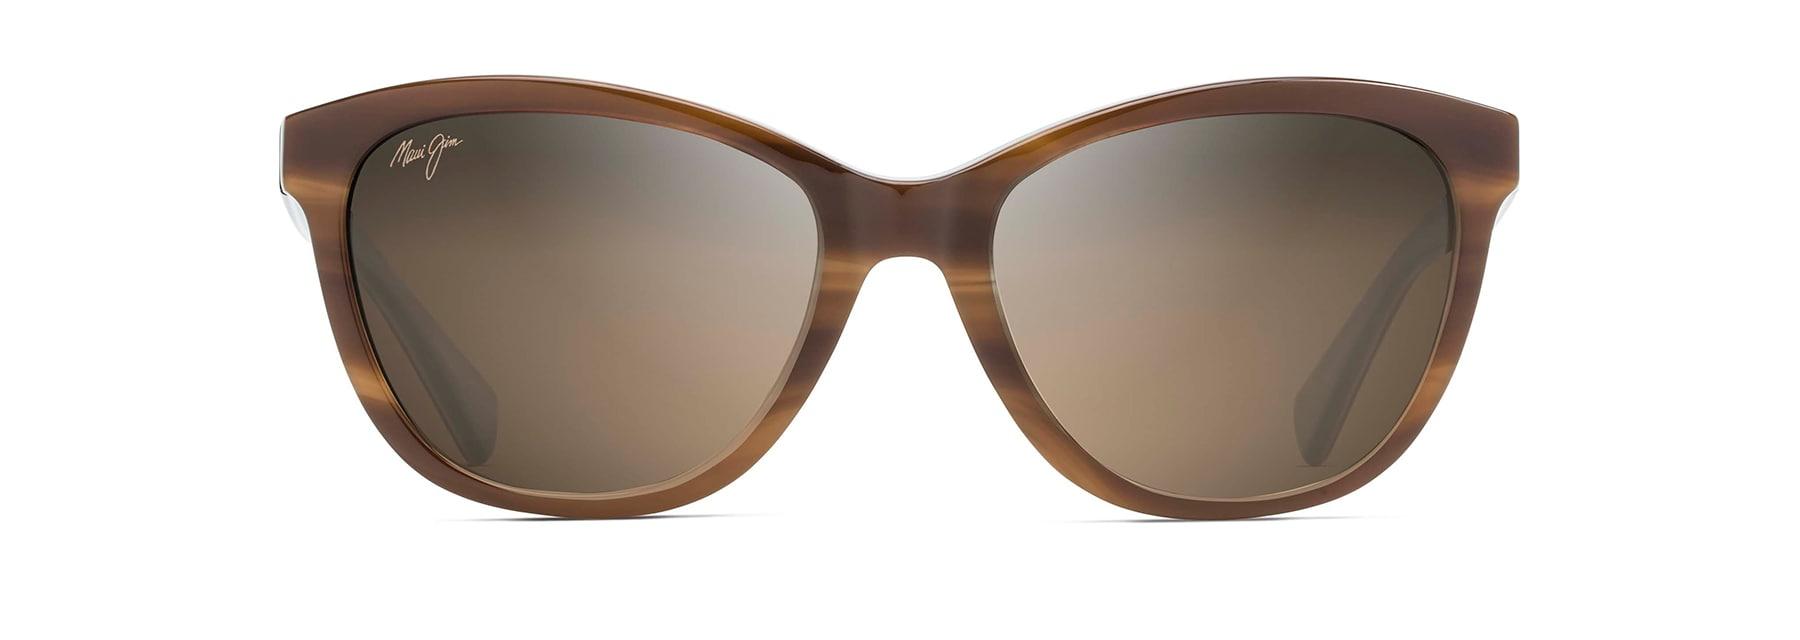 c8fa7bf1ea15 Canna Polarized Sunglasses | Maui Jim®